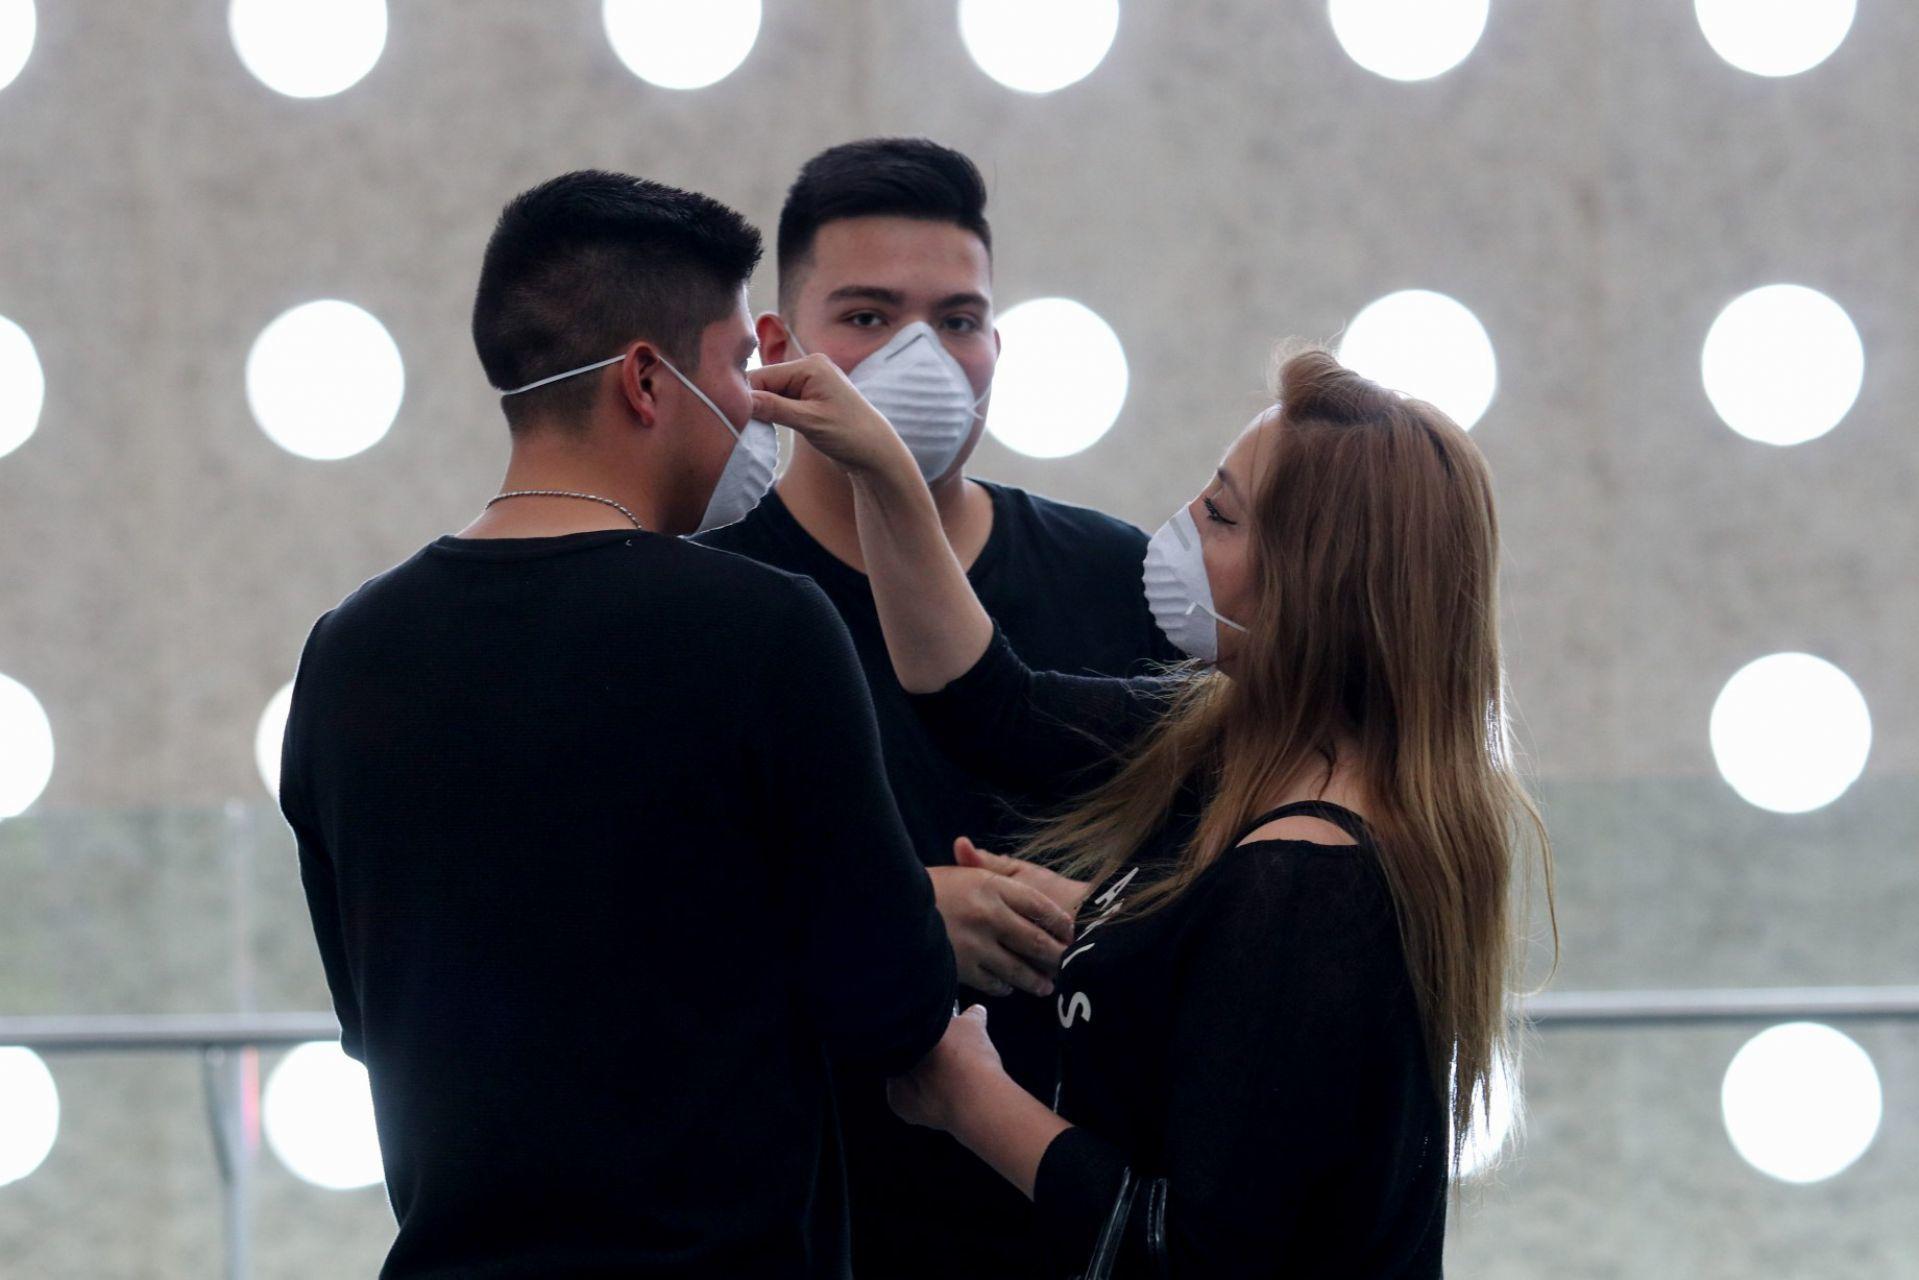 Cientos de capitalinos que llegan al Aeropuerto Internacional de la Ciudad usan cubrebocas como medida de protección del Covid-19.